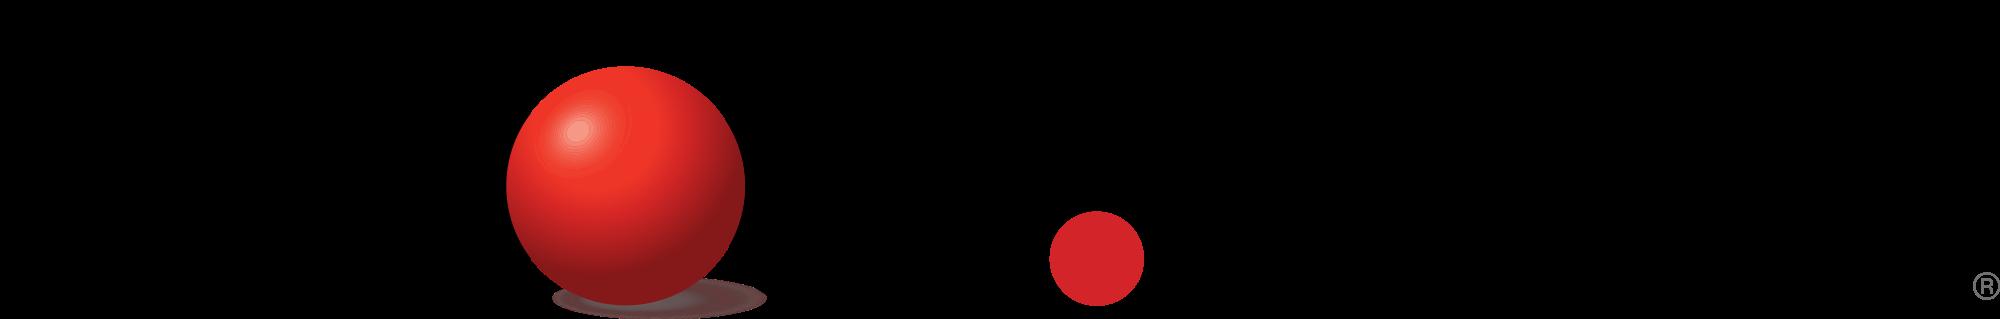 About.com_logo